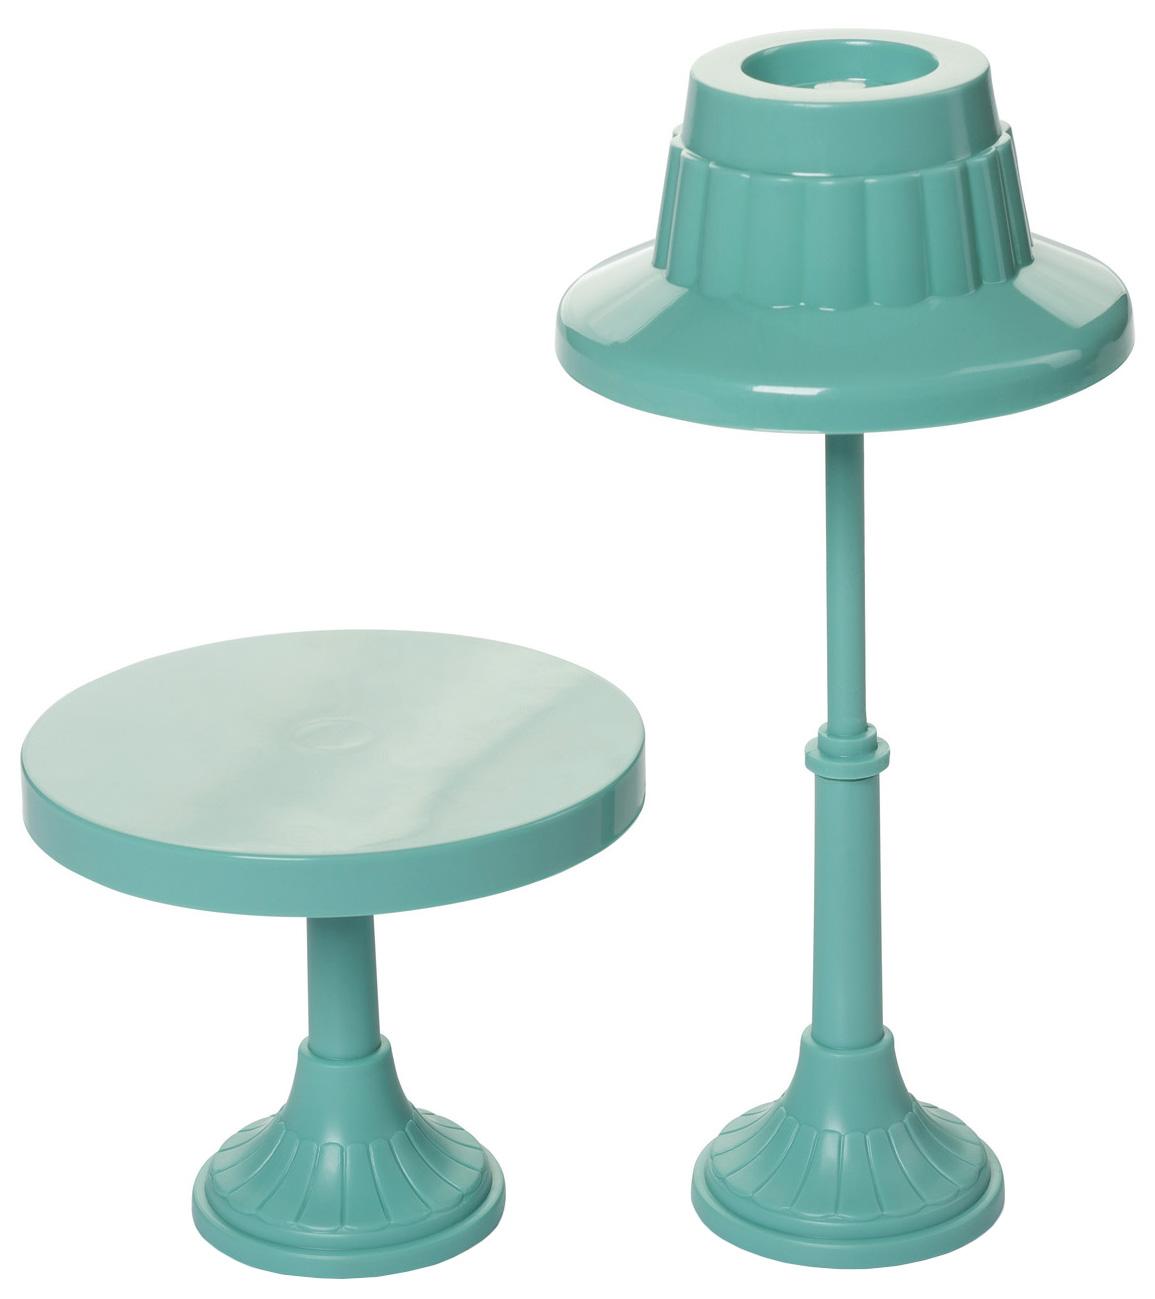 Мебель для кукол Огонек Торшер и столик, Транспорт для кукол  - купить со скидкой